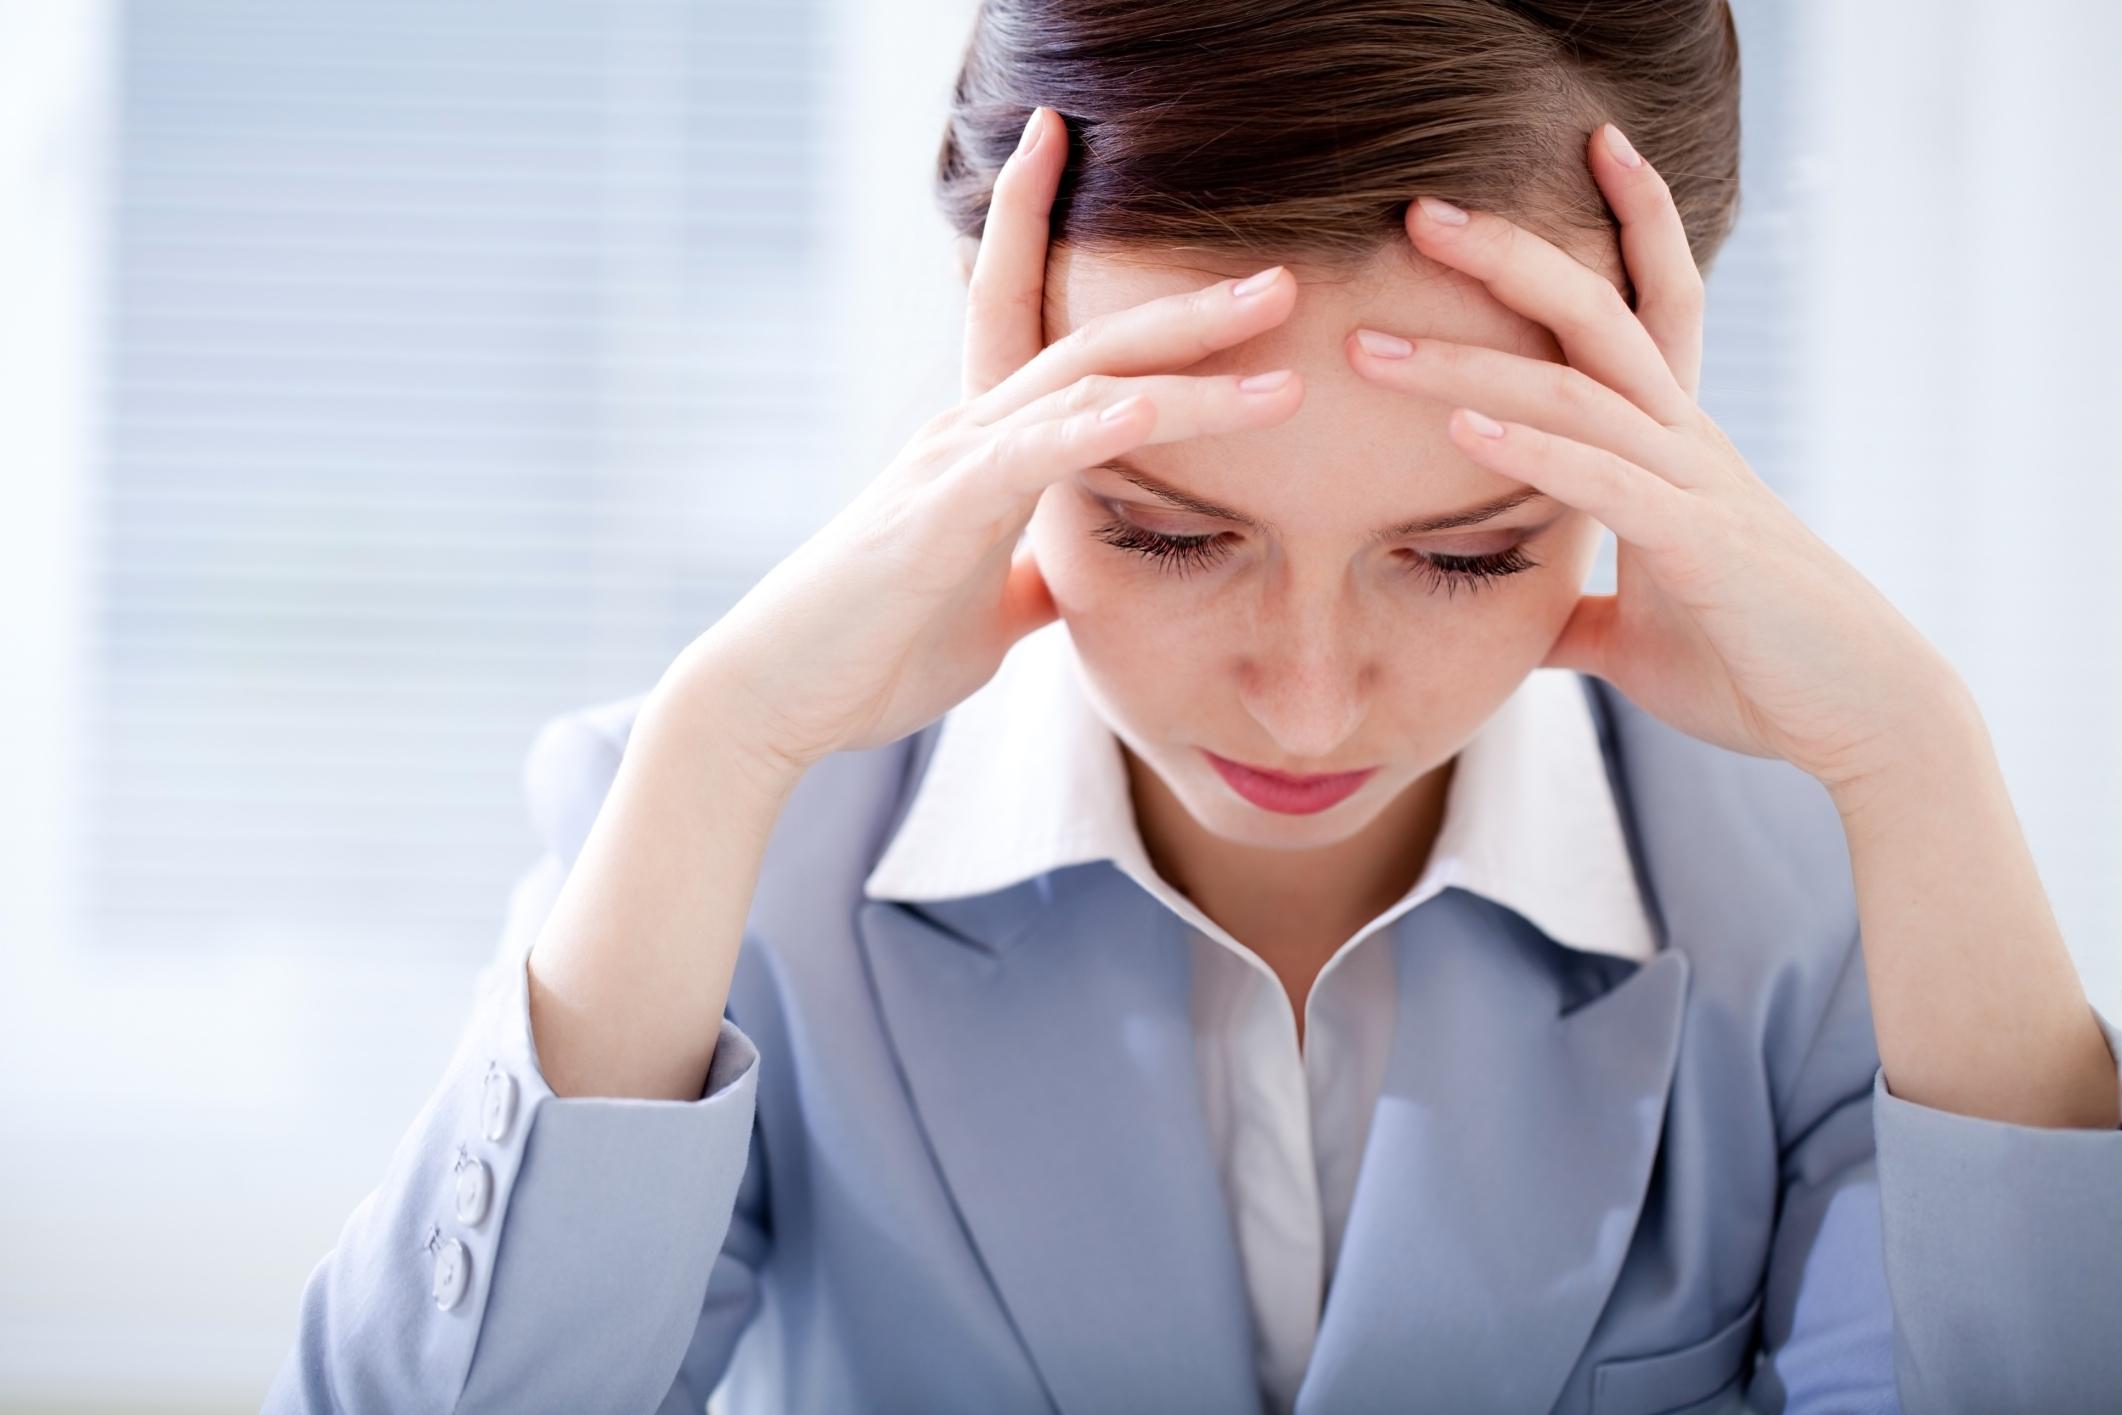 Лечение стресса: как избавиться от нервного стресса, страхов и тревоги?